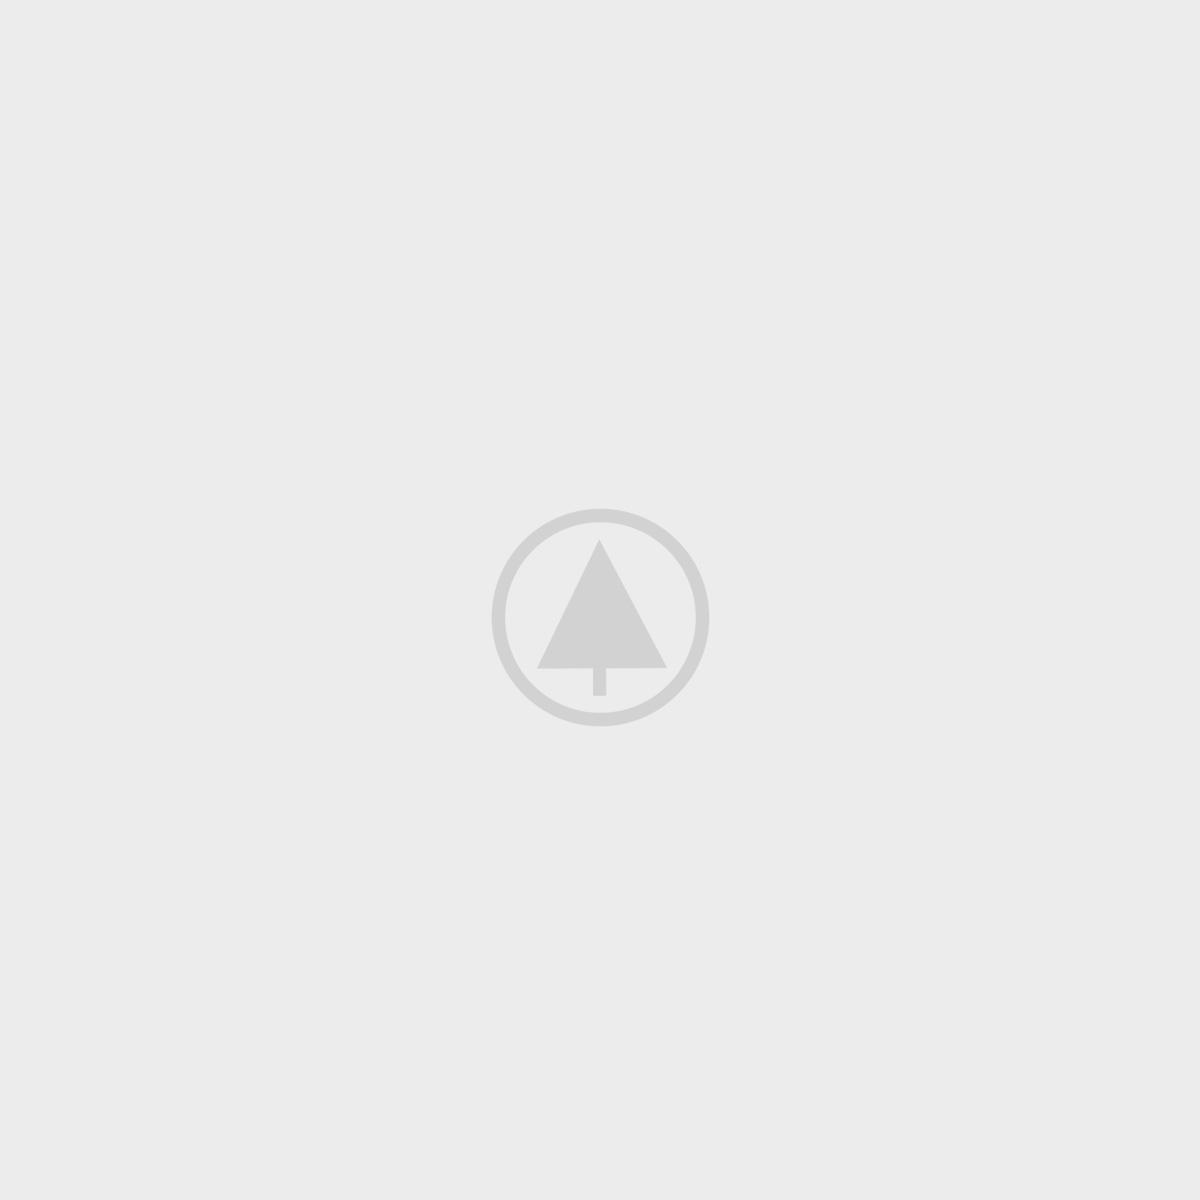 IELTS Online Coching Training - Netus eu mollis hac dignis - 3